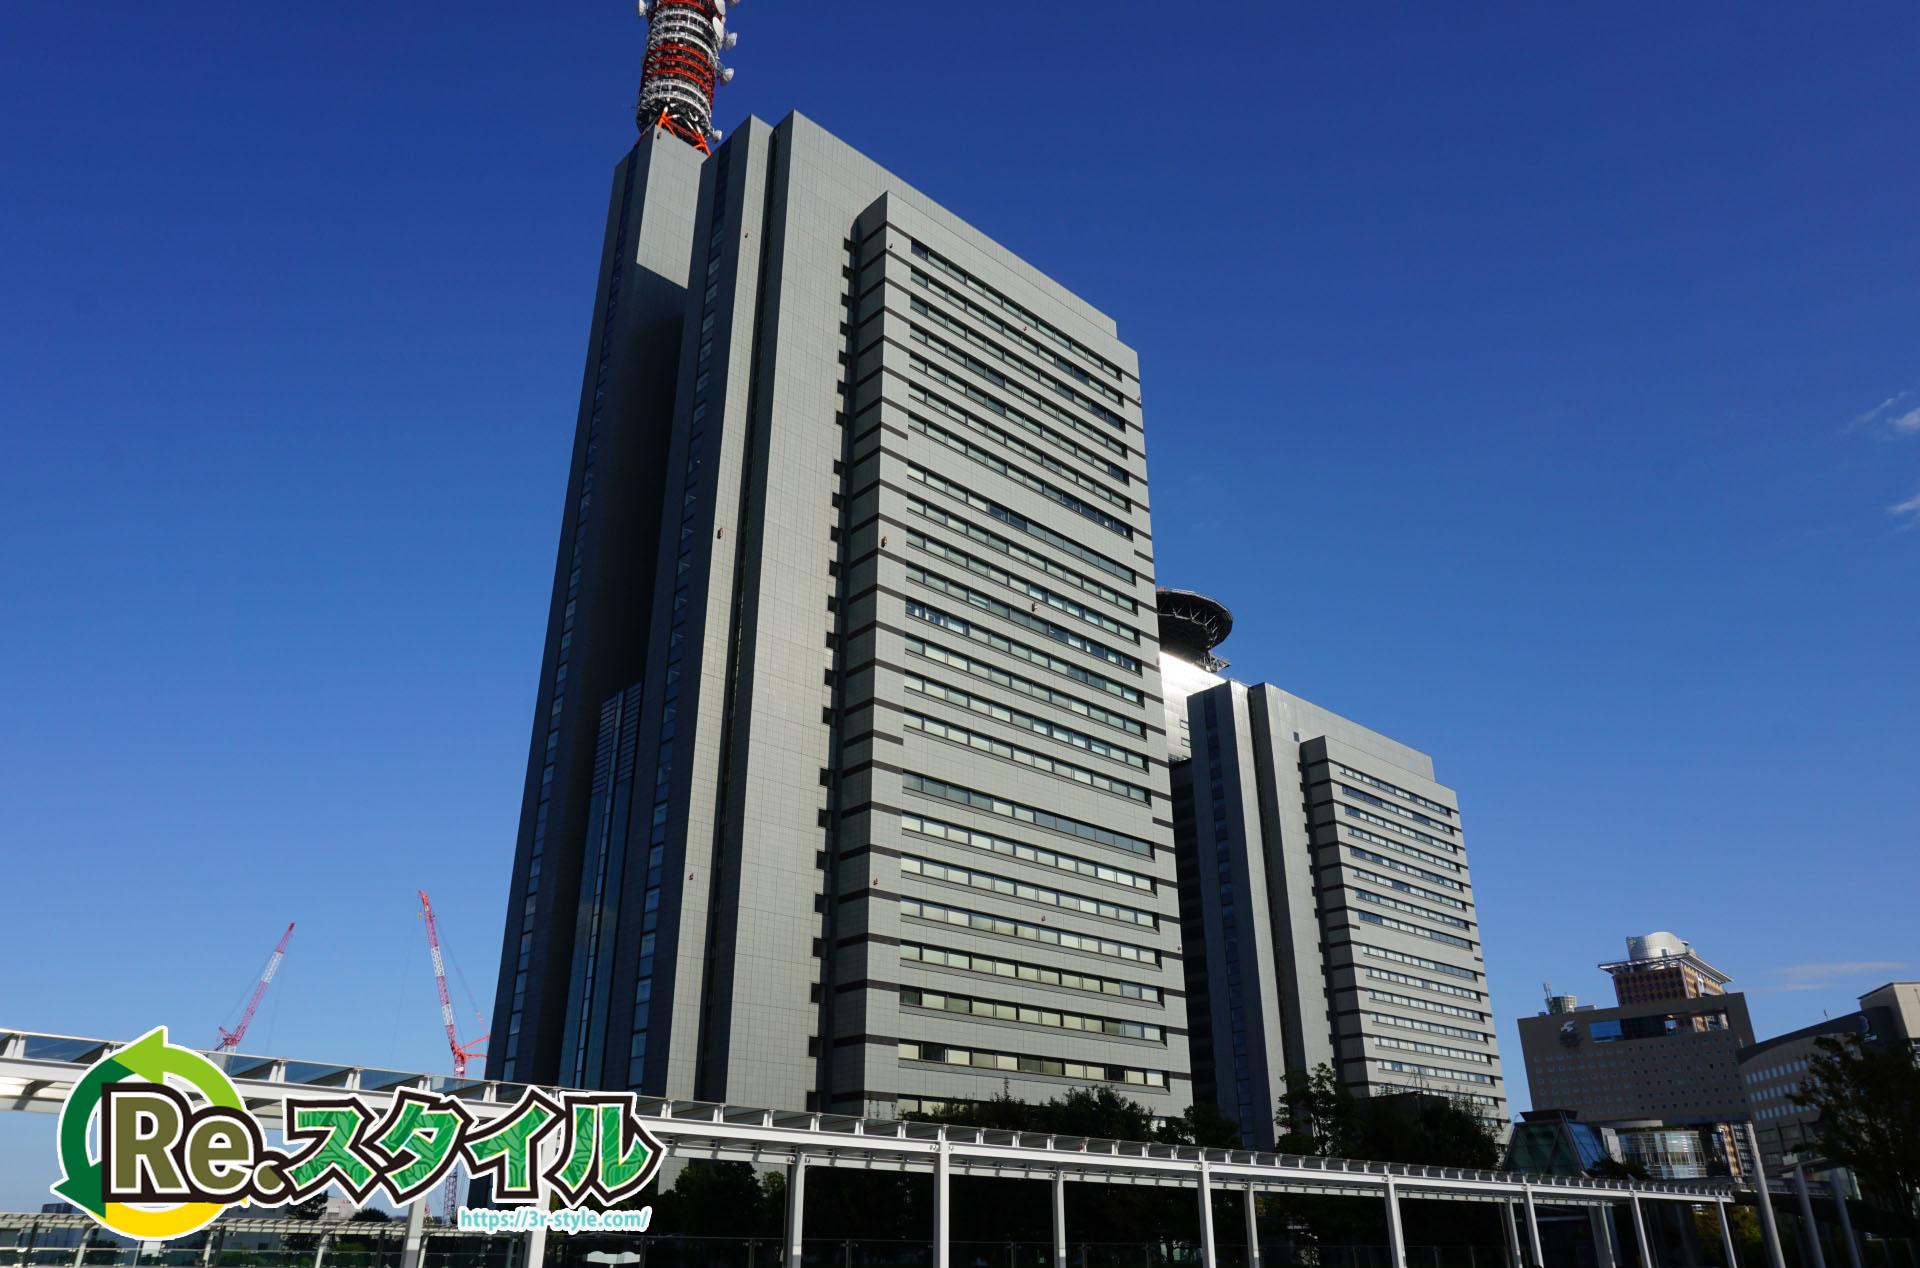 埼玉県さいたま市中央区でパソコンを処分するならどうしたらいい?おすすめの回収業者と処分の流れ